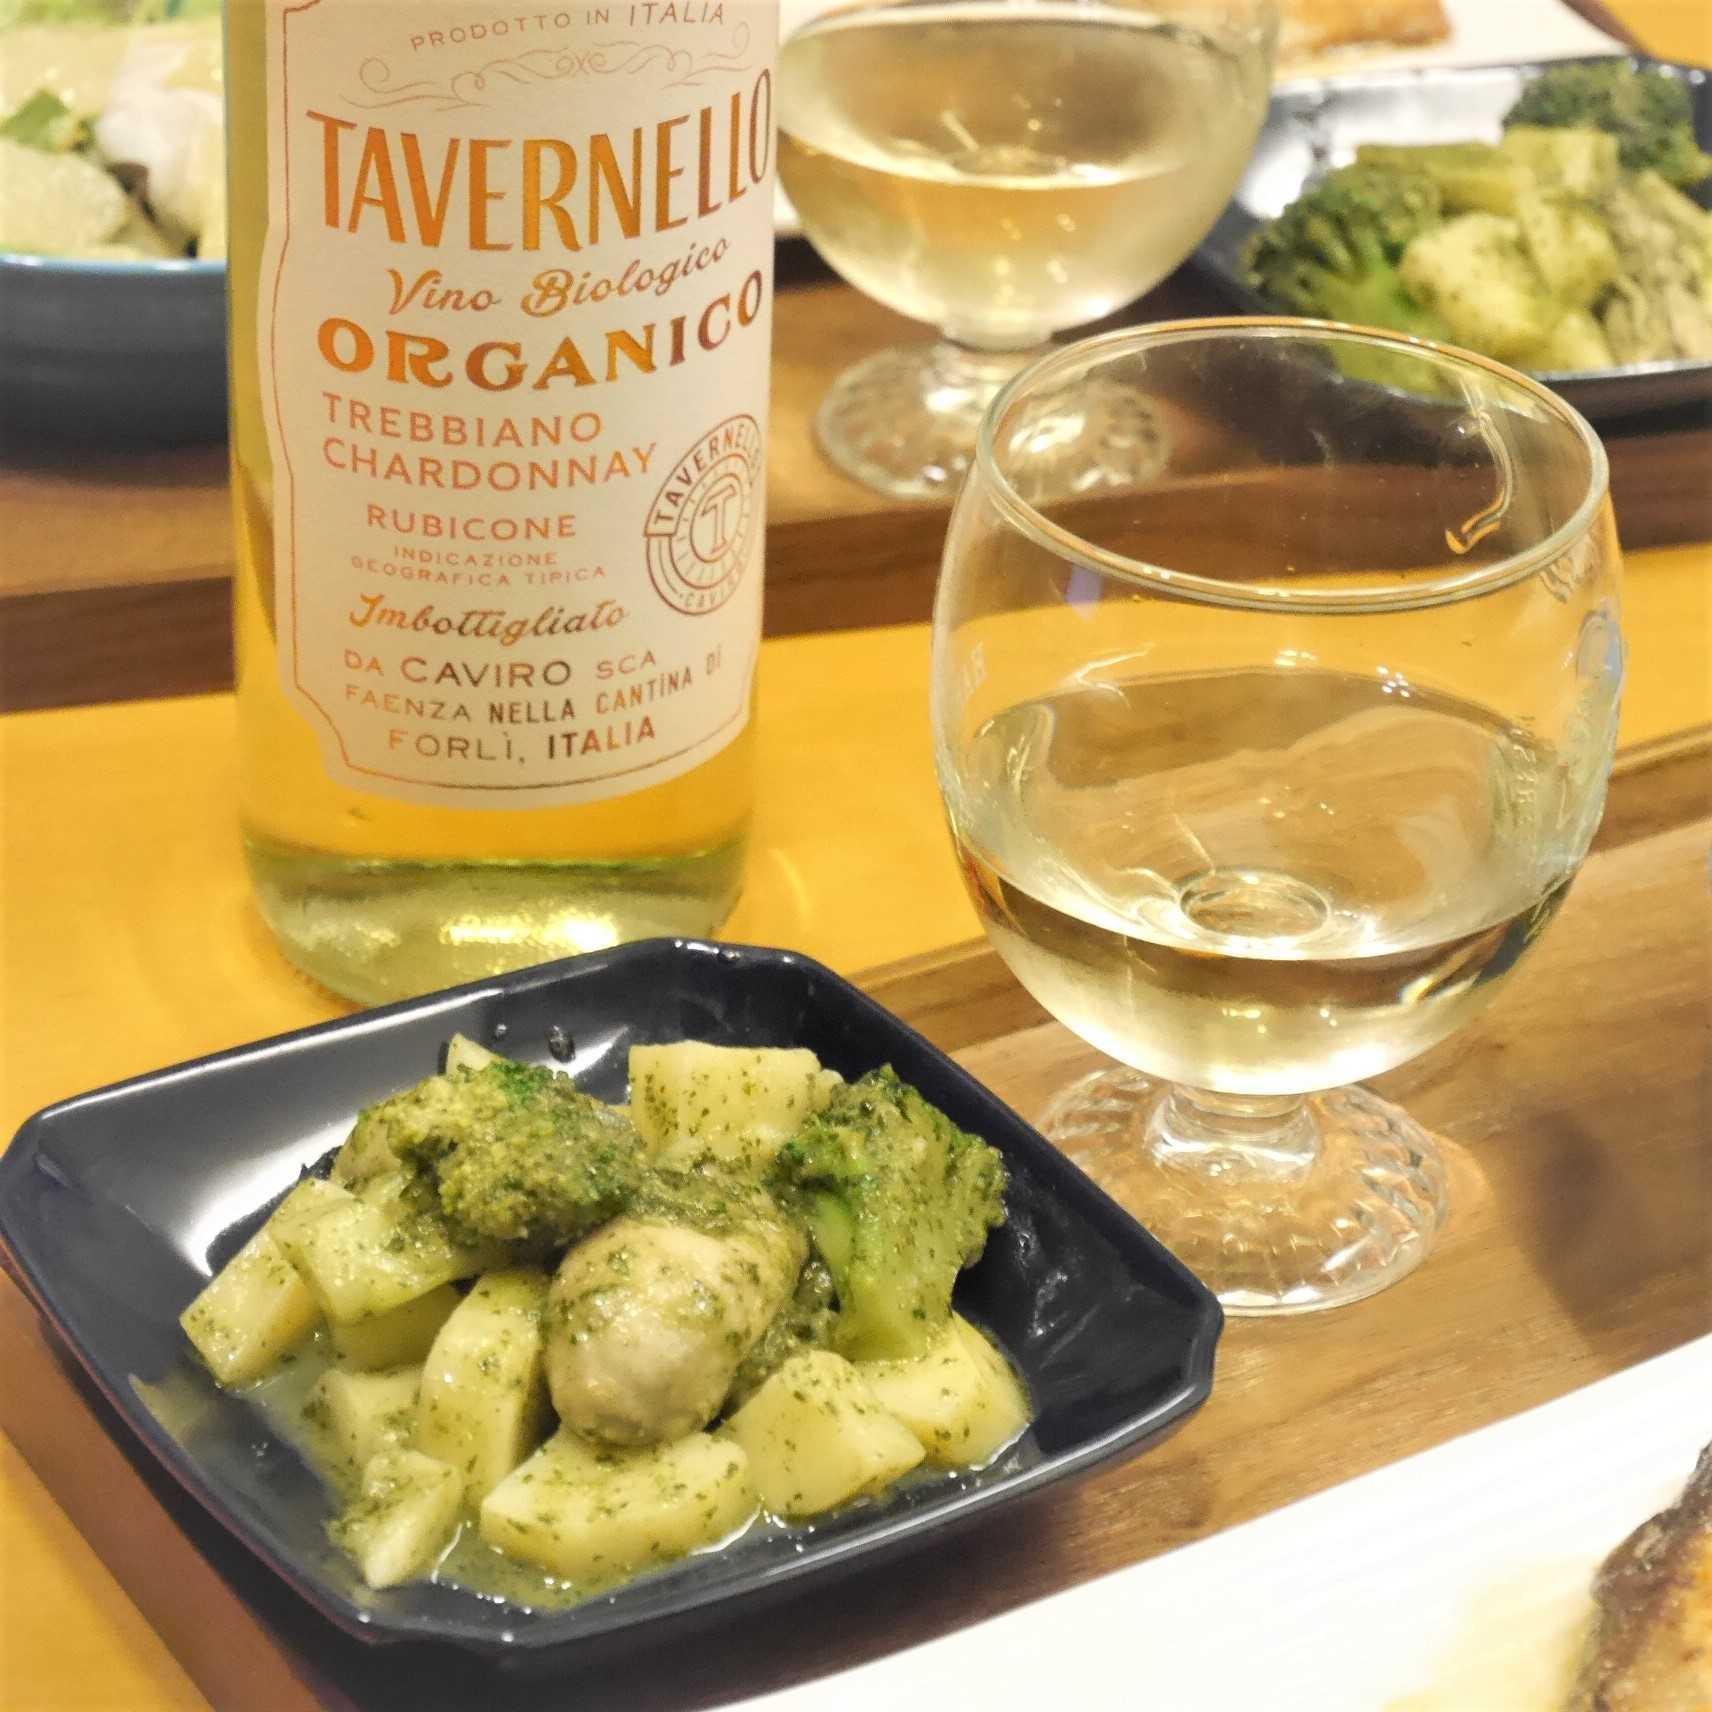 タヴェルネッロ オルガニコ トレッビアーノシャルドネ_牡蠣のバジルソース